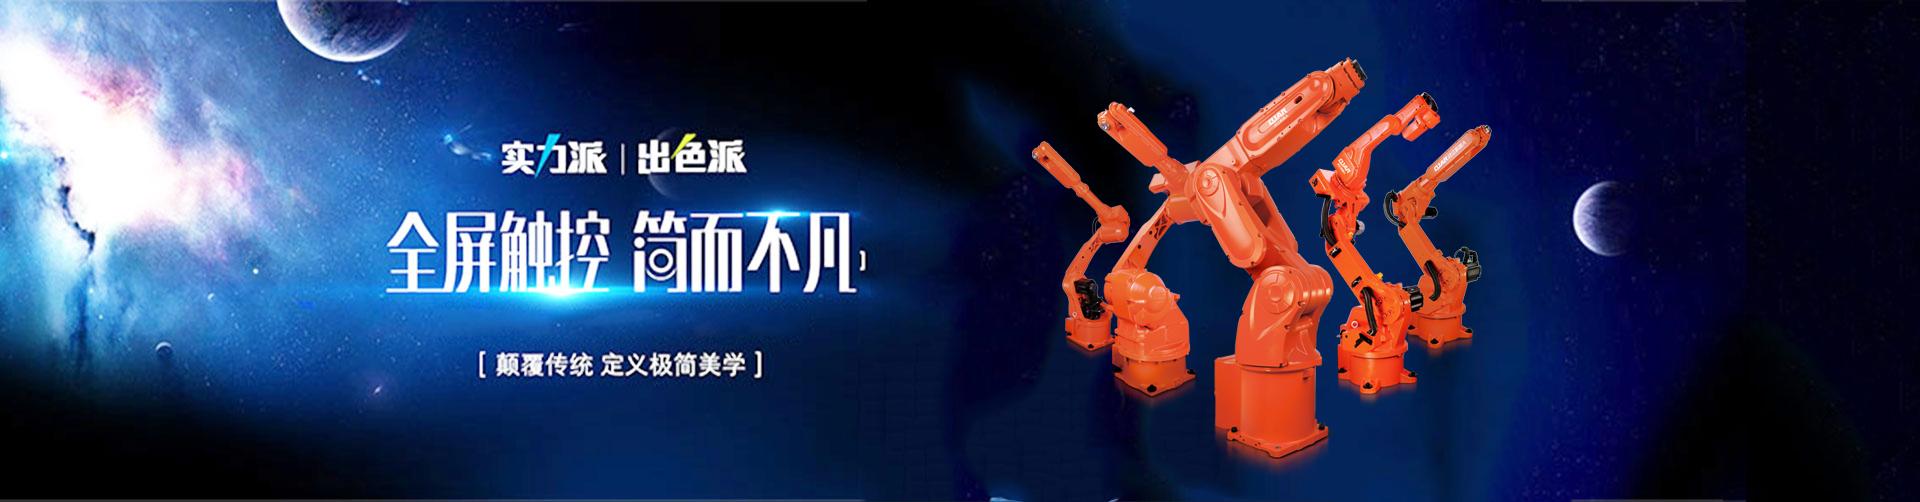 石家庄切割机器人